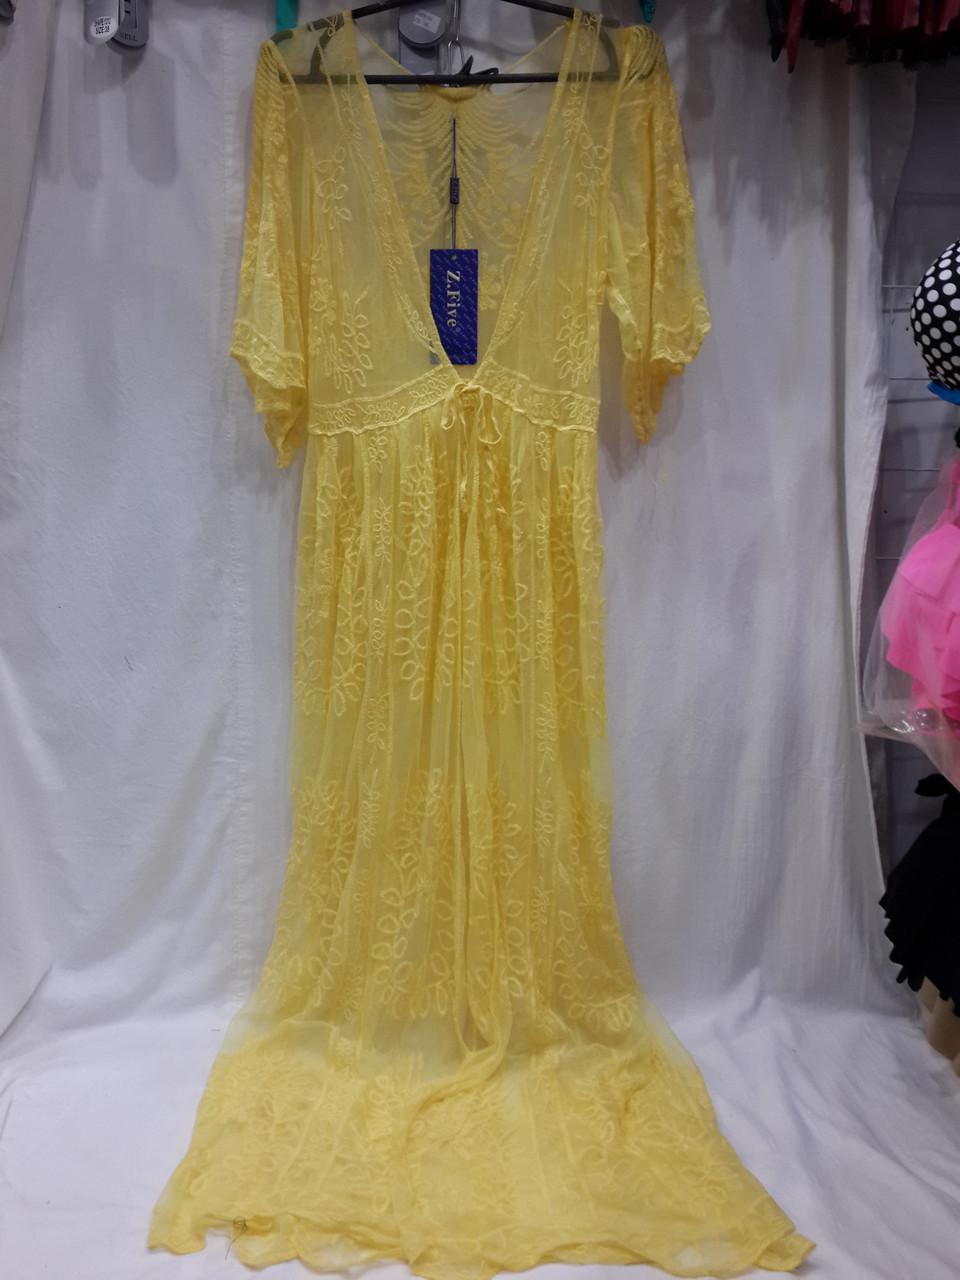 Пляжный халат в пол 801 Гипюр желтый на размеры 48-50.